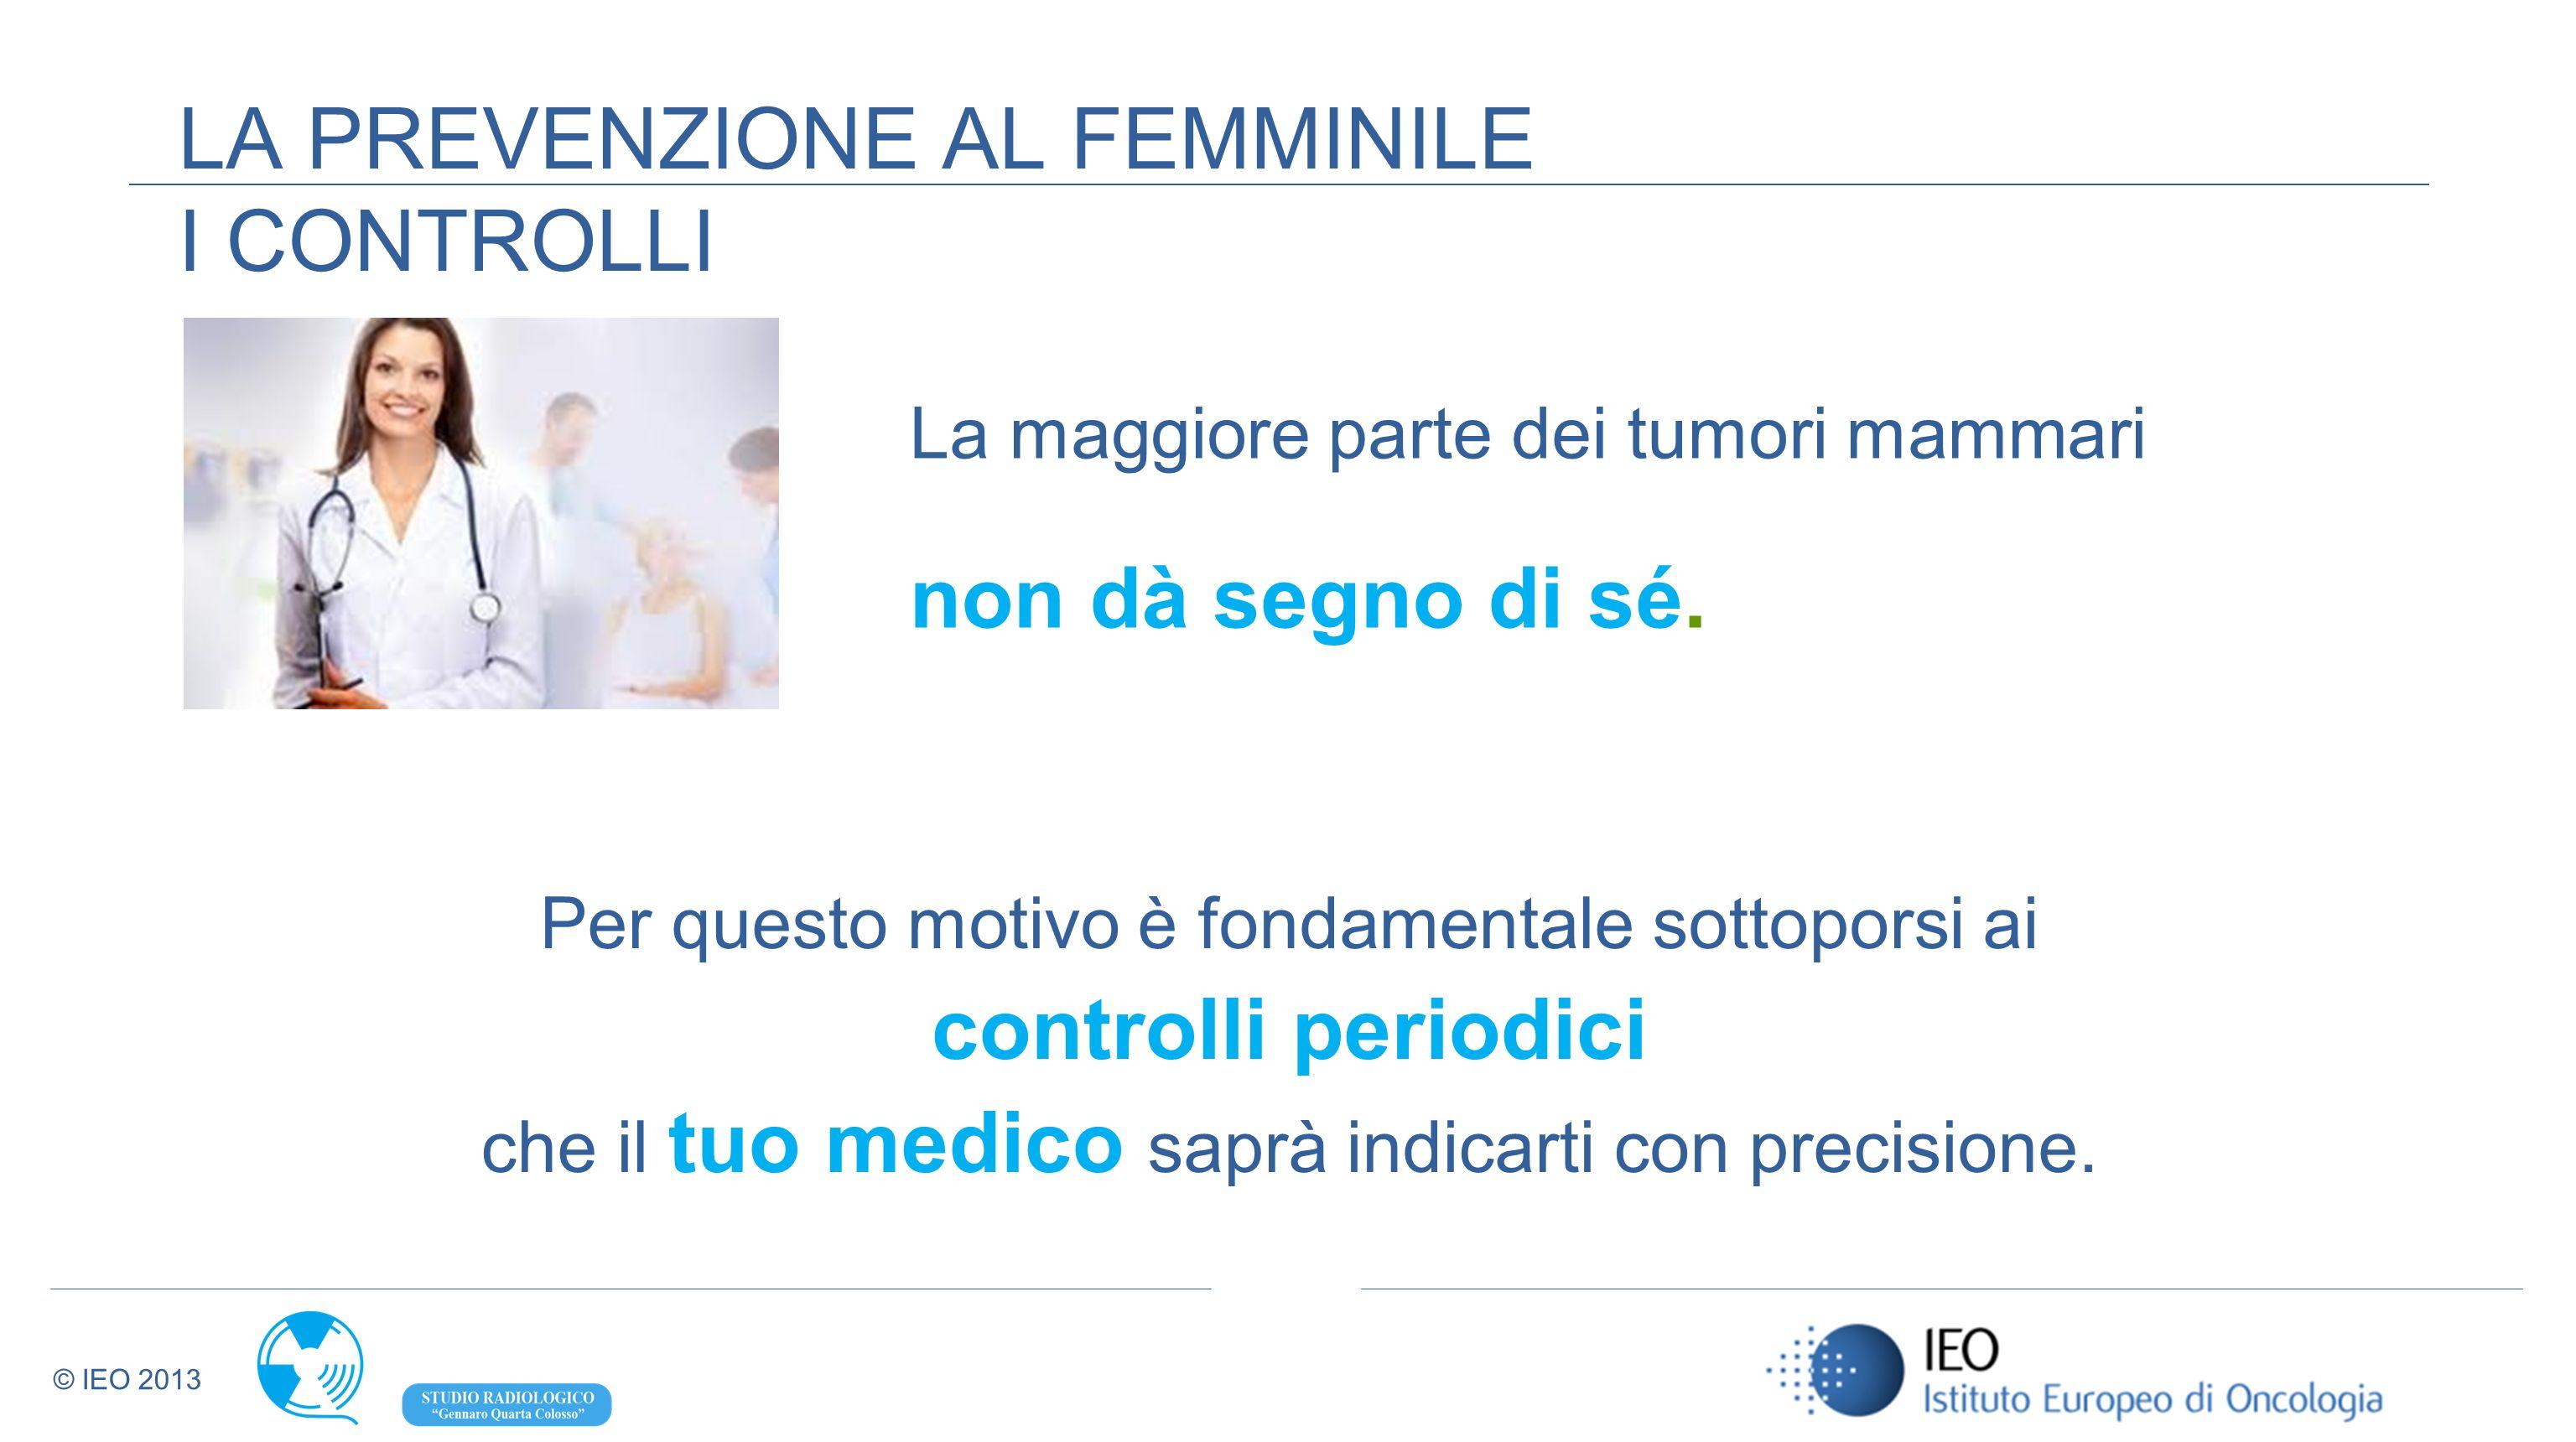 LA PREVENZIONE AL FEMMINILE I CONTROLLI